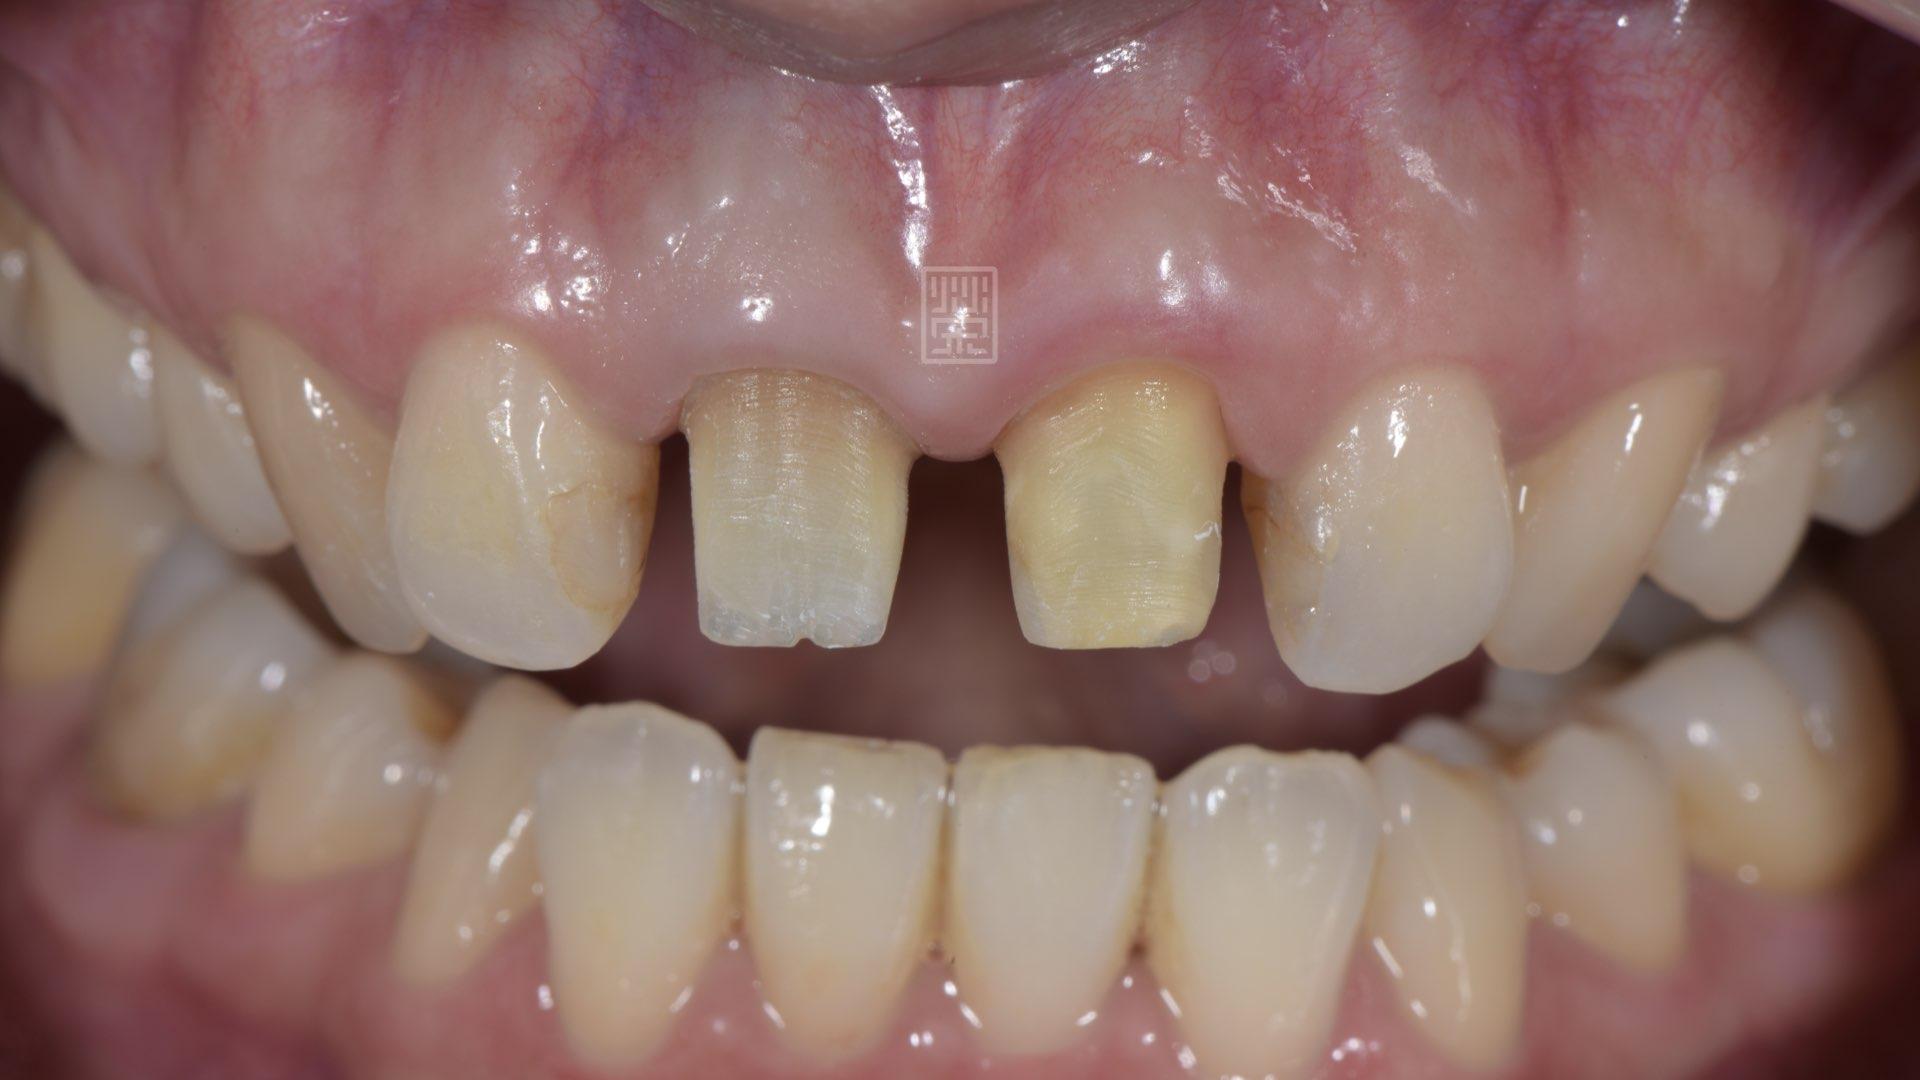 牙齦穩定後,發現門牙中間的牙齦萎縮